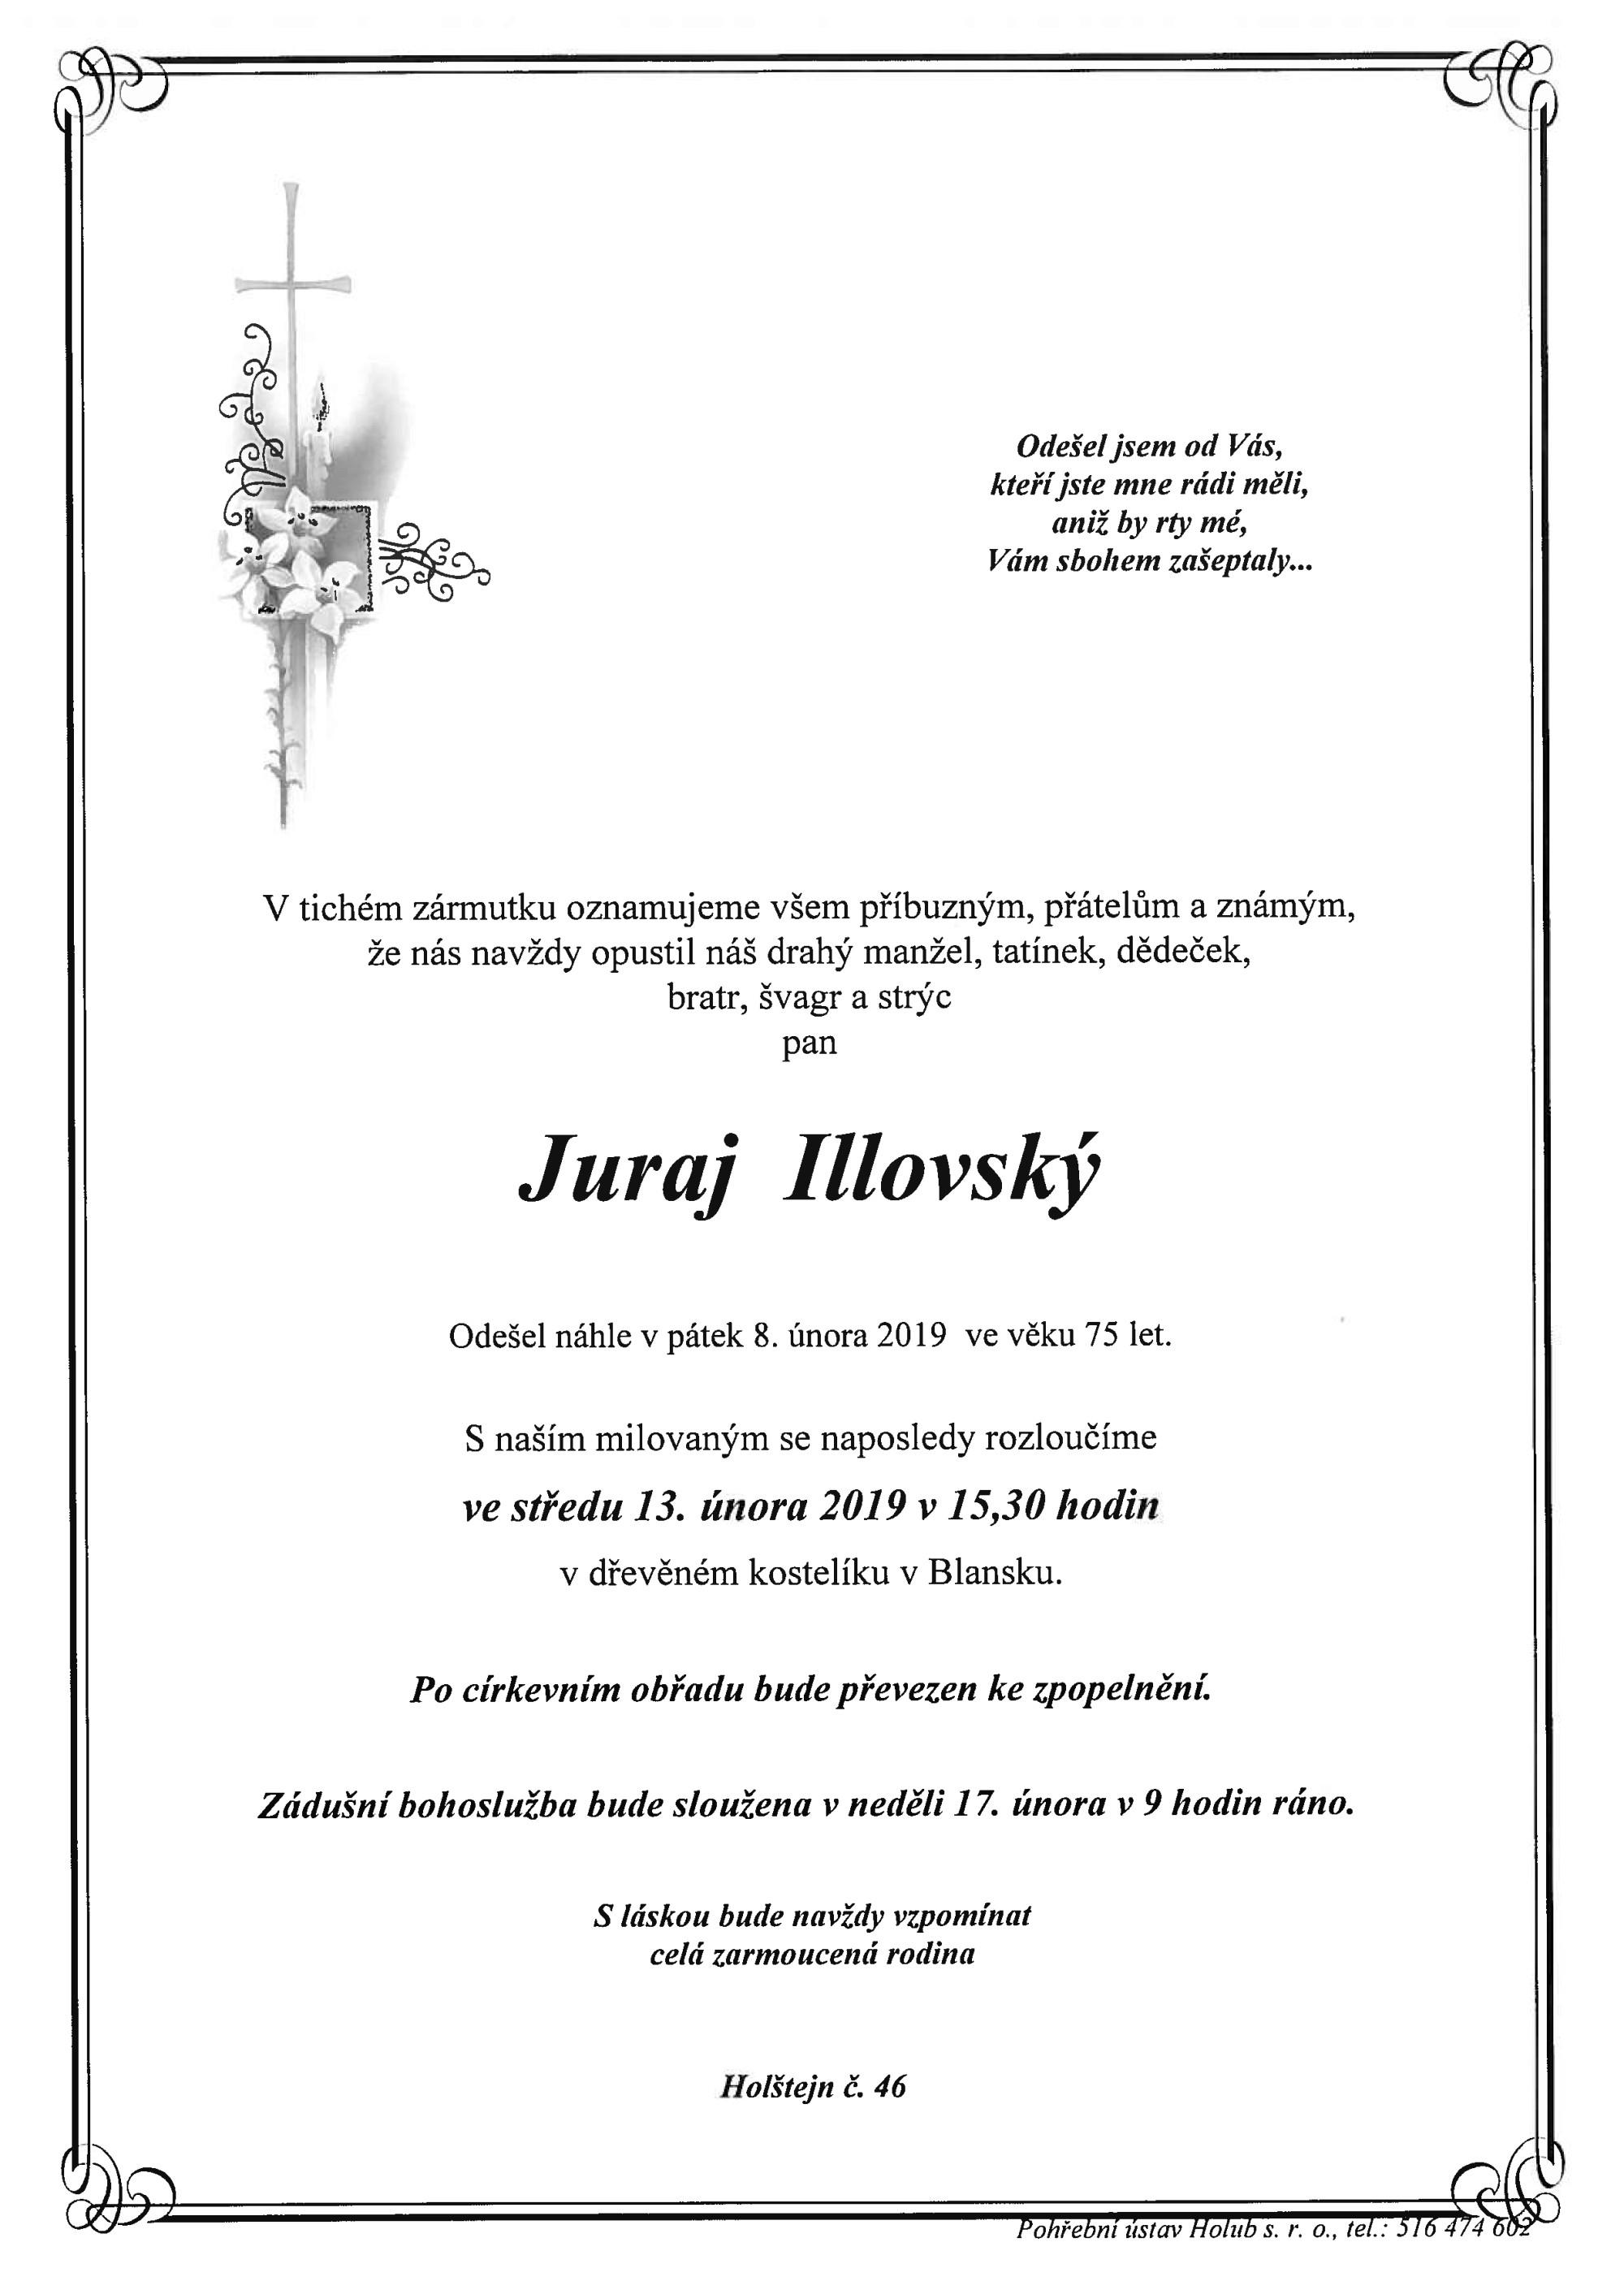 Juraj Illovský